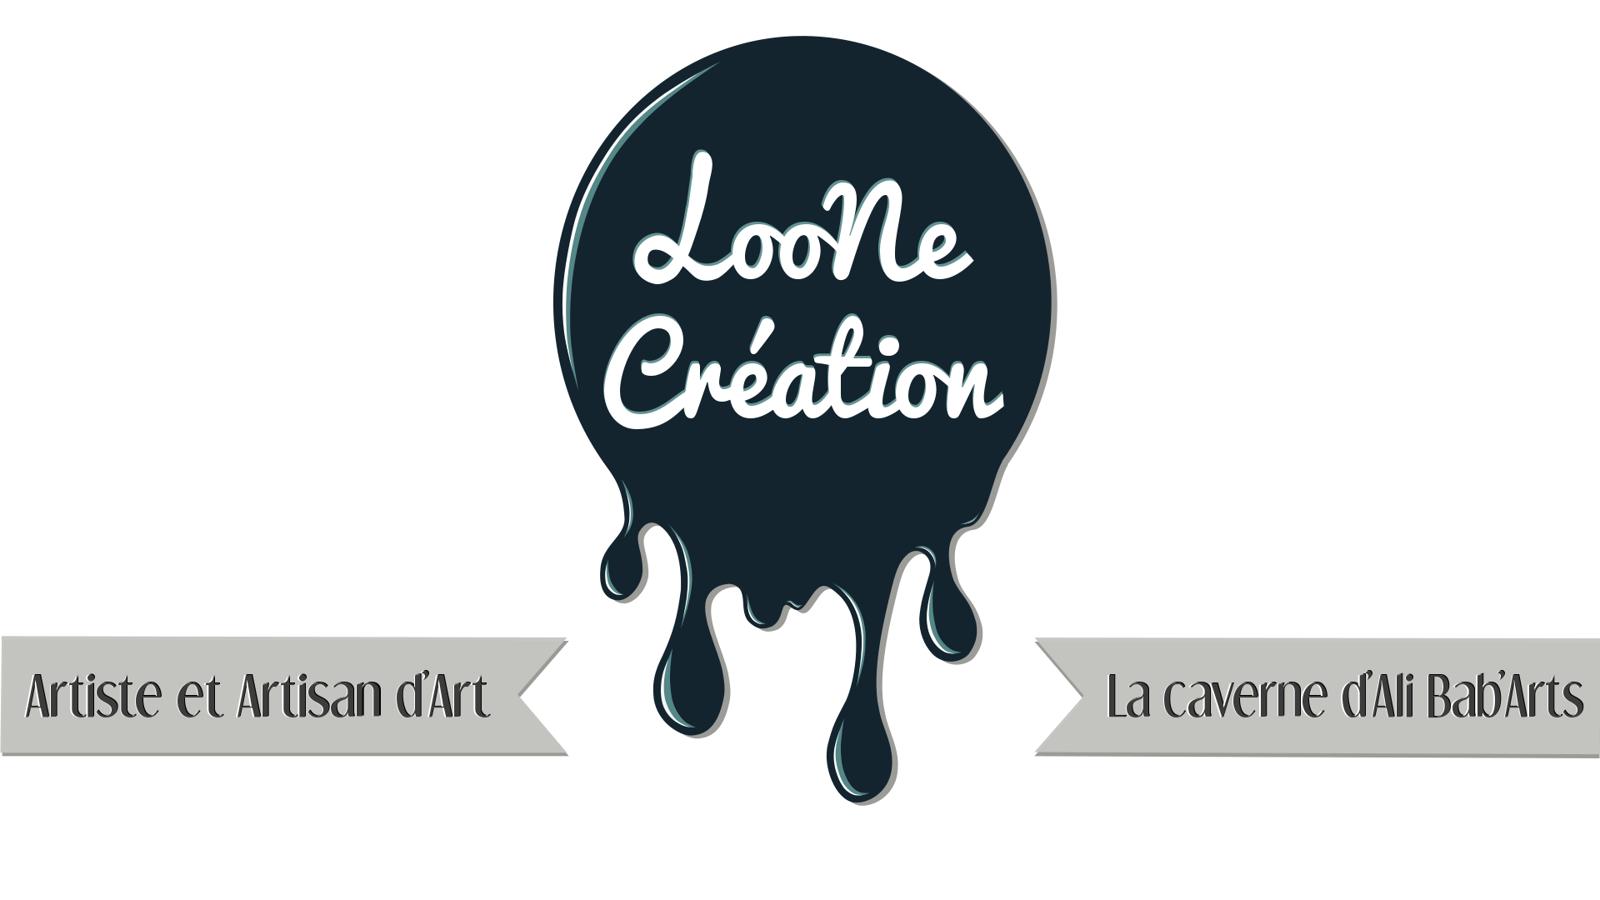 LooNe Création